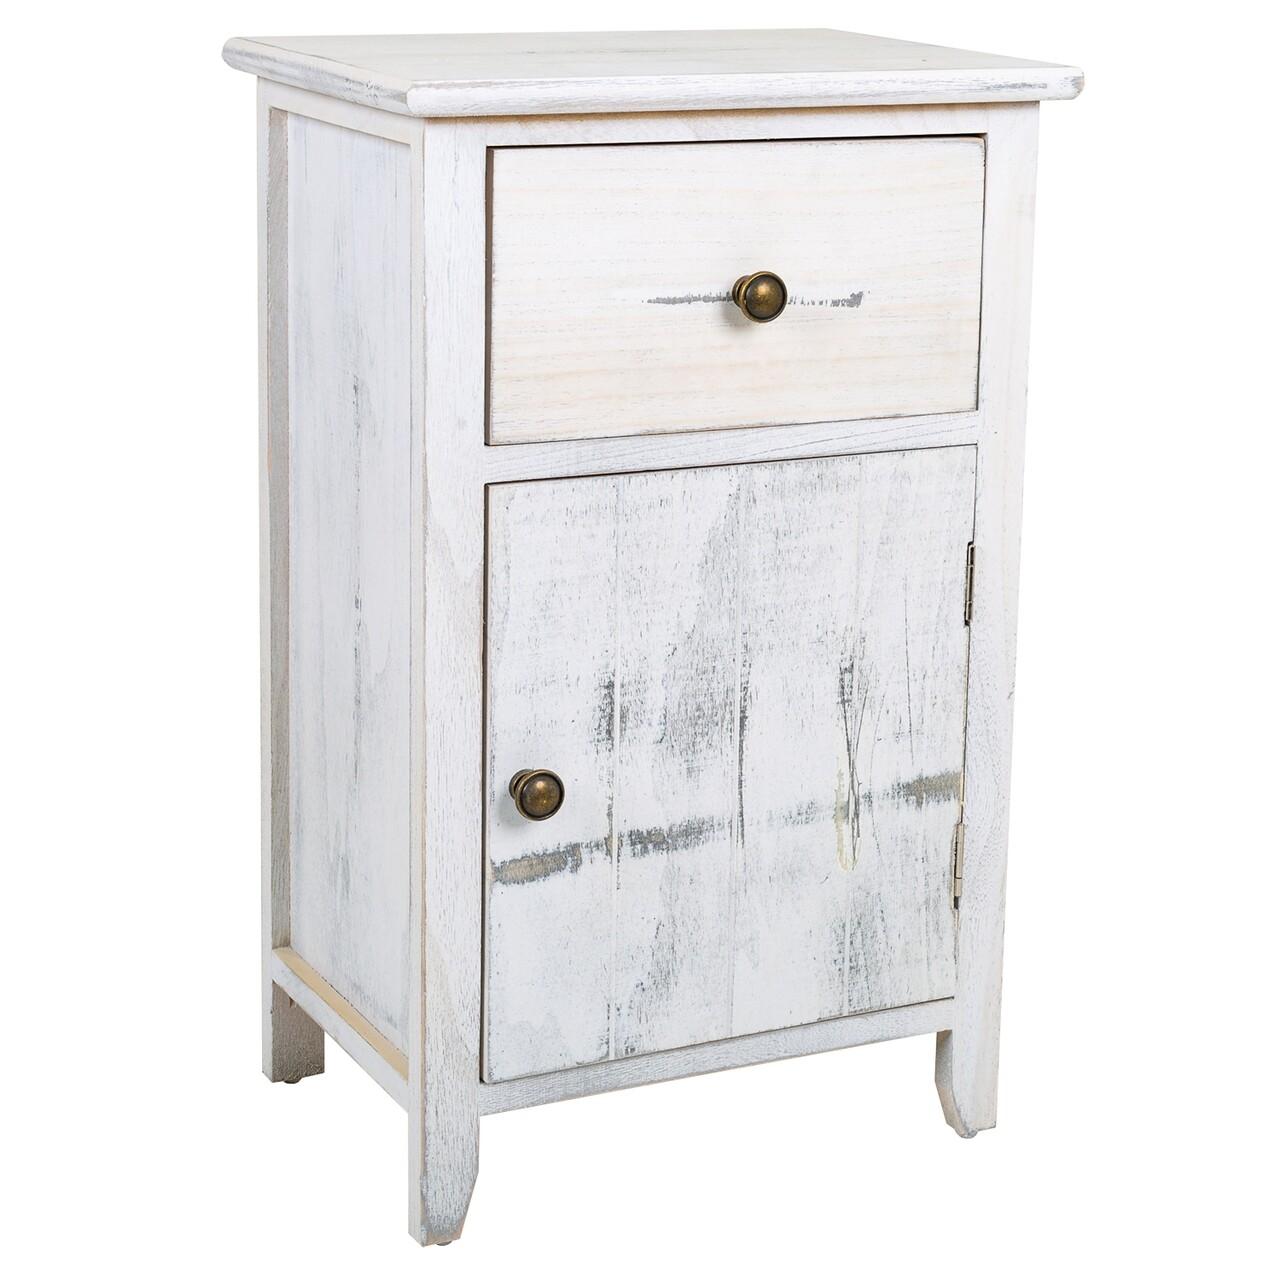 Comoda cu 1 sertar si 1 usa Creaciones Meng, 35x25x55 cm, lemn de paulownia, antique white